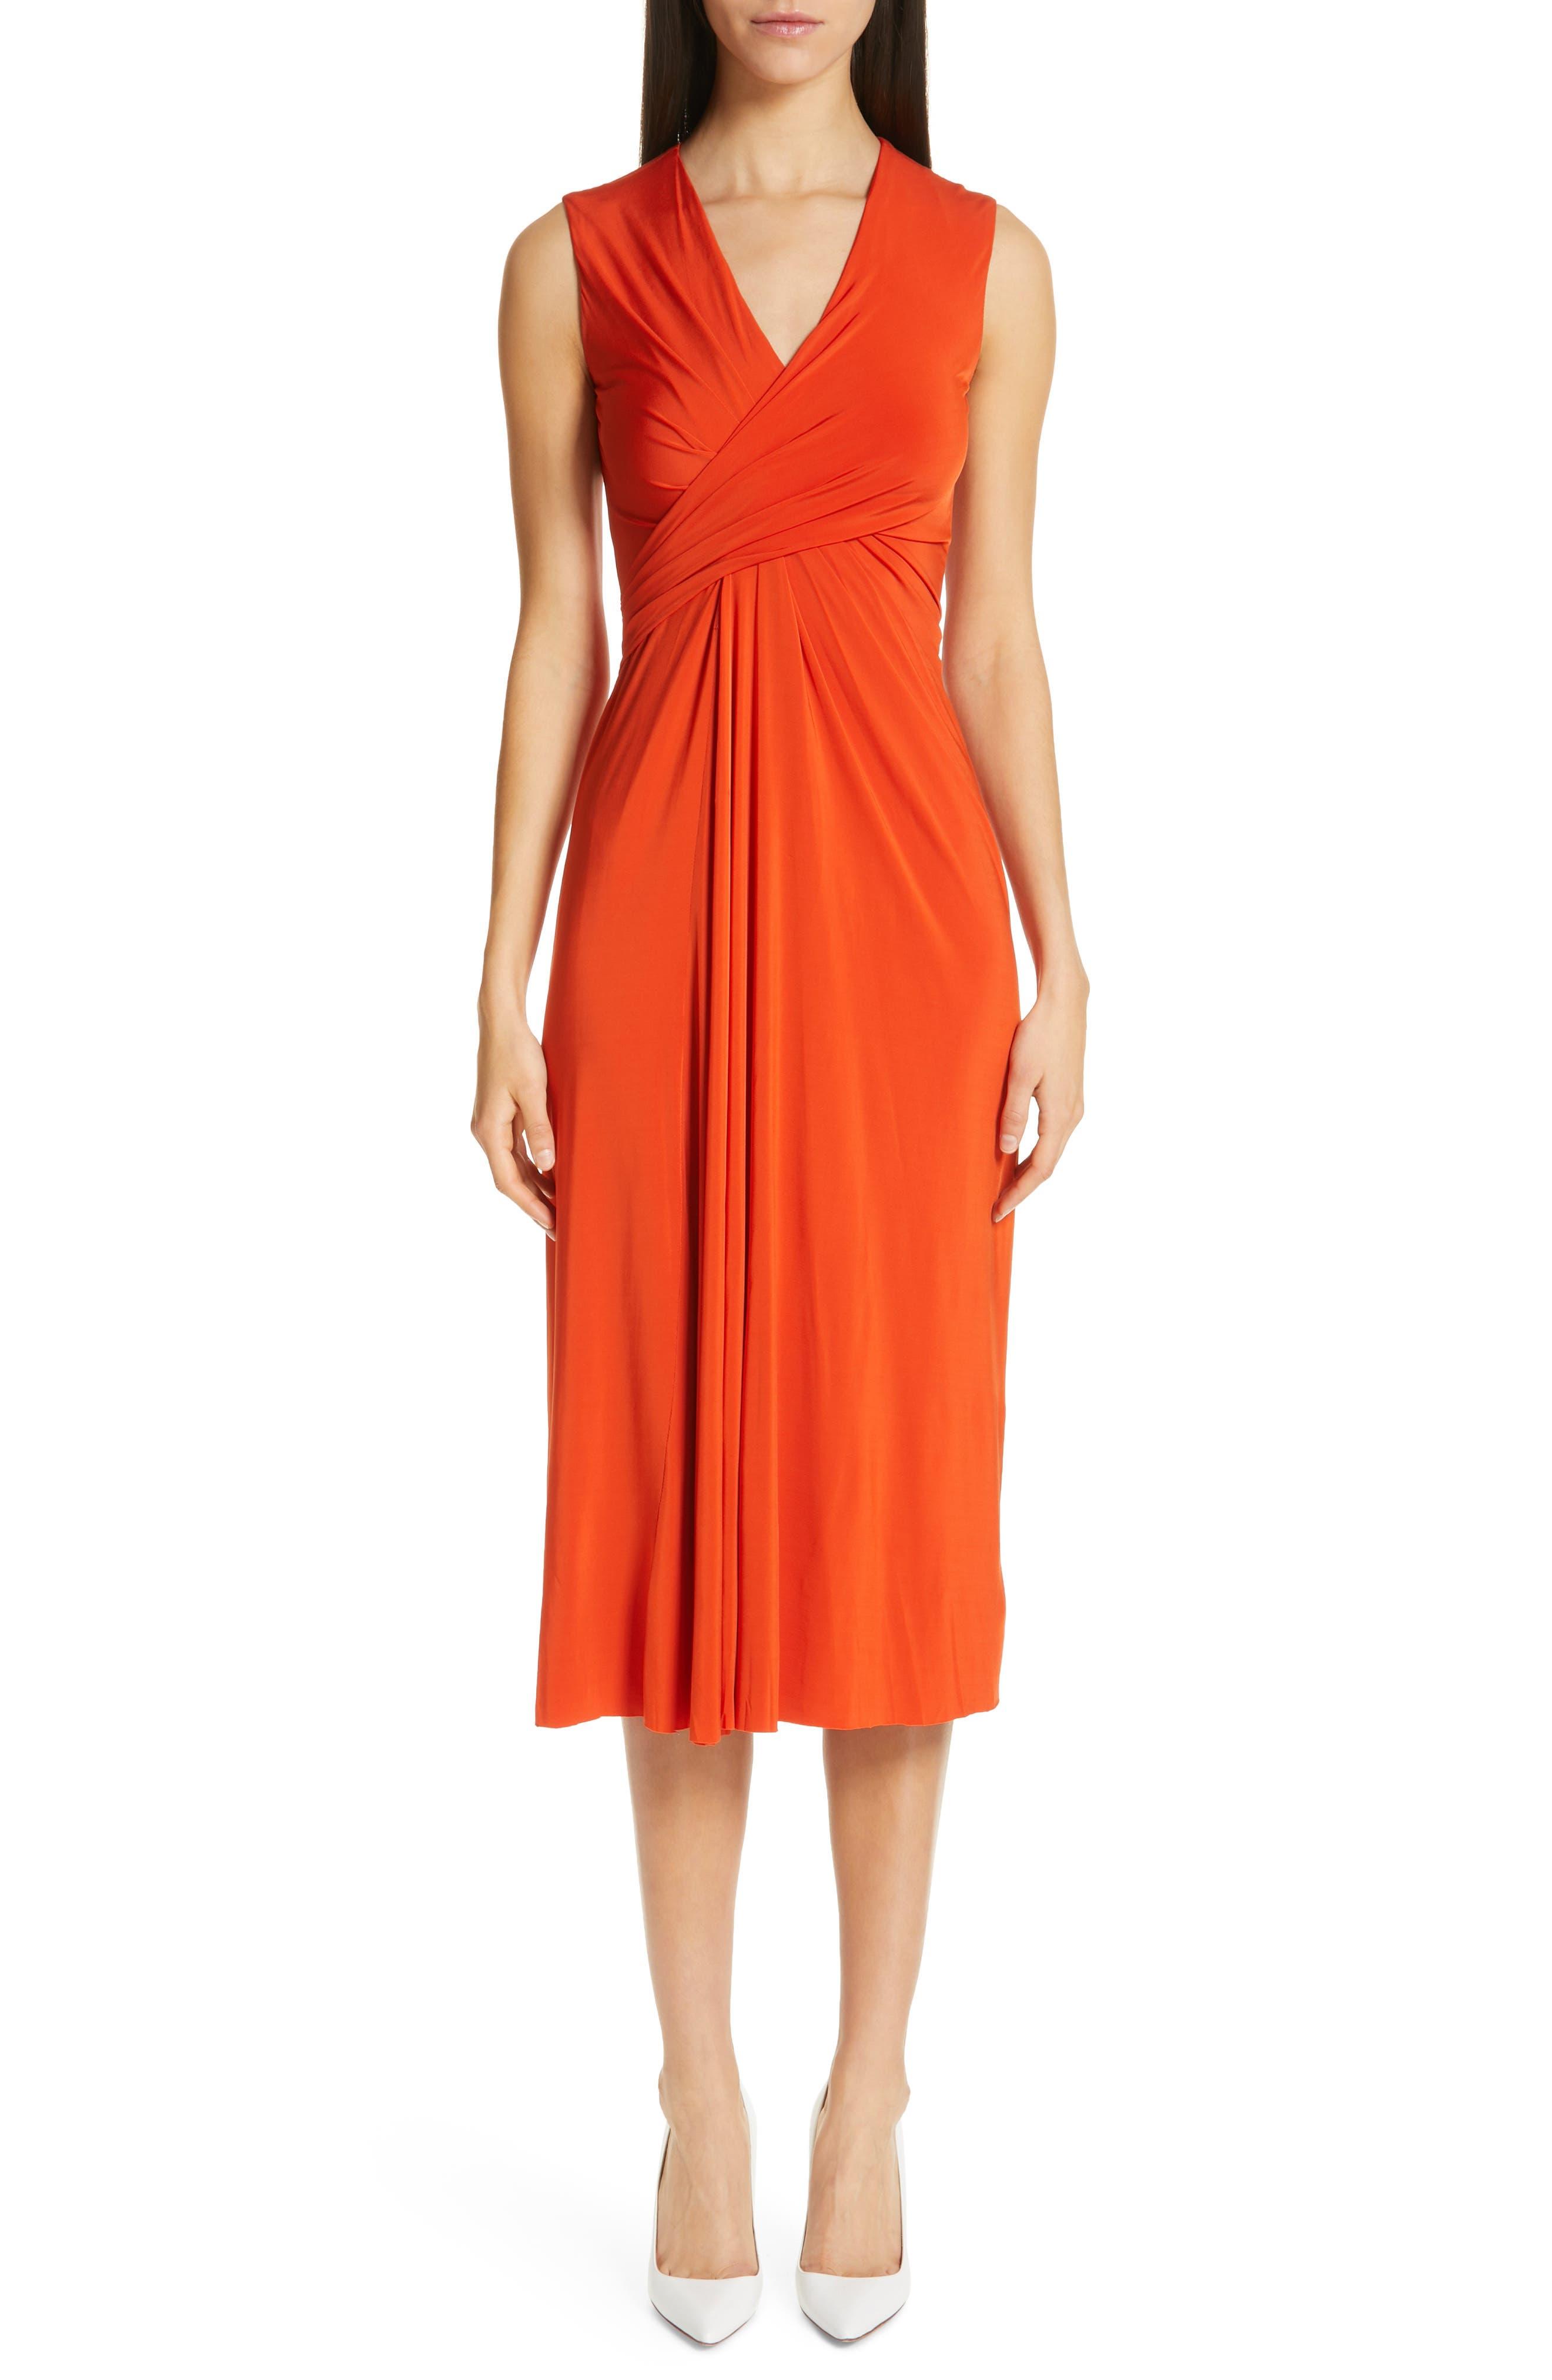 Jason Wu Collection Draped Jersey Dress, Orange